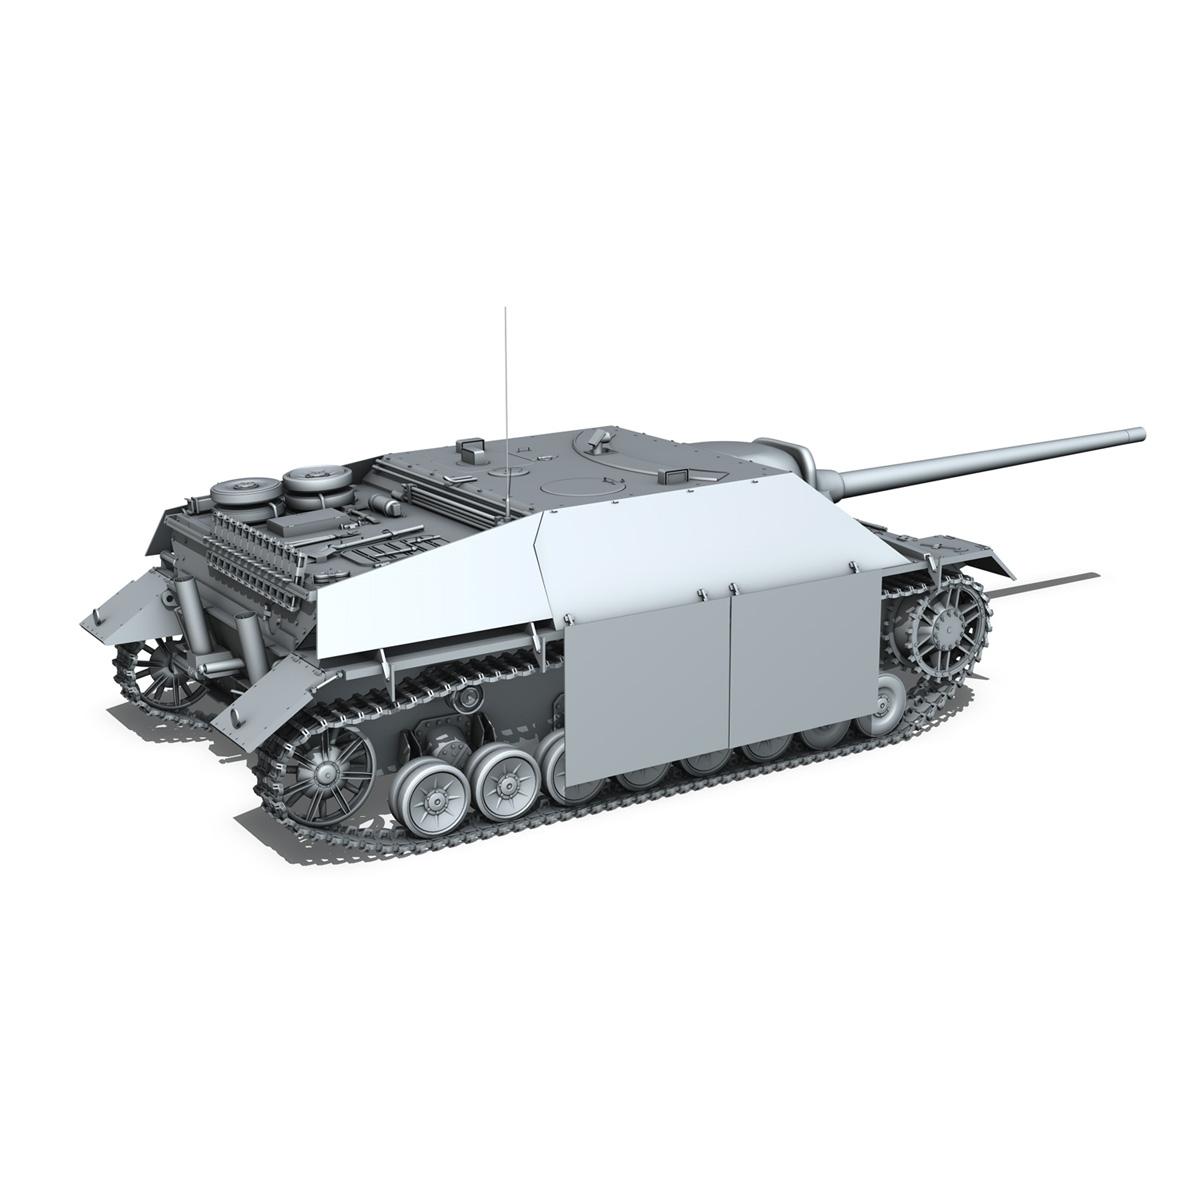 jagdpanzer iv l/70 (v) late production 3d model 3ds fbx c4d lwo obj 202023